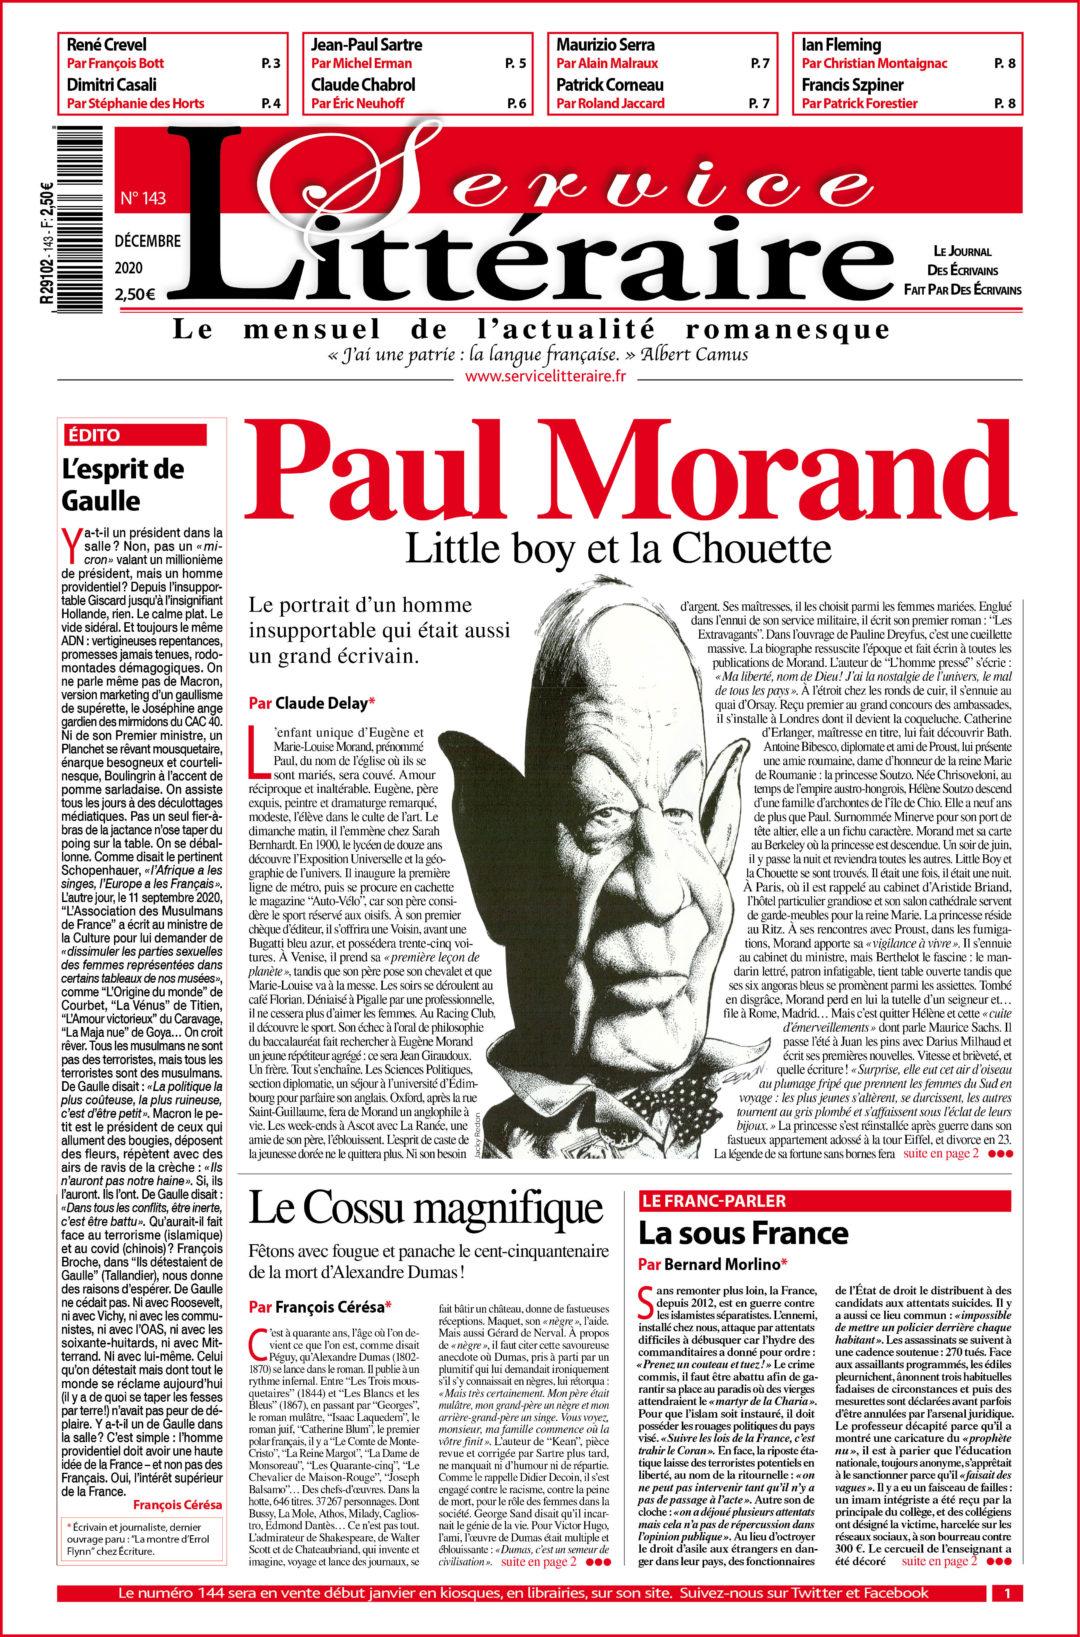 SL 143 Paul Morand